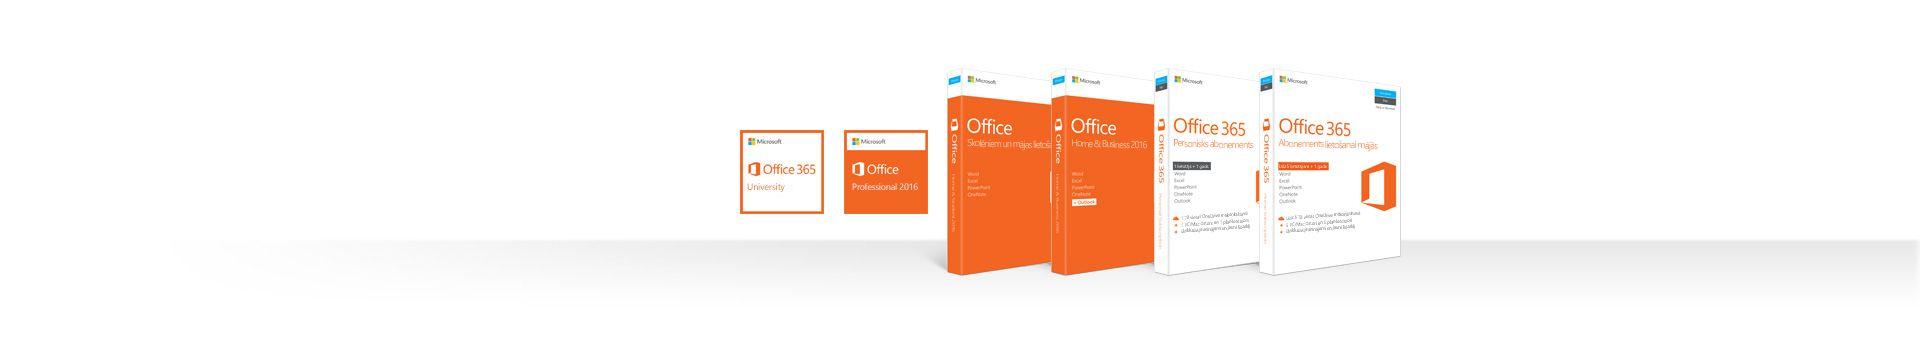 Kastīšu virkne, kas attēlo Office abonementu un atsevišķos produktus PC datoriem